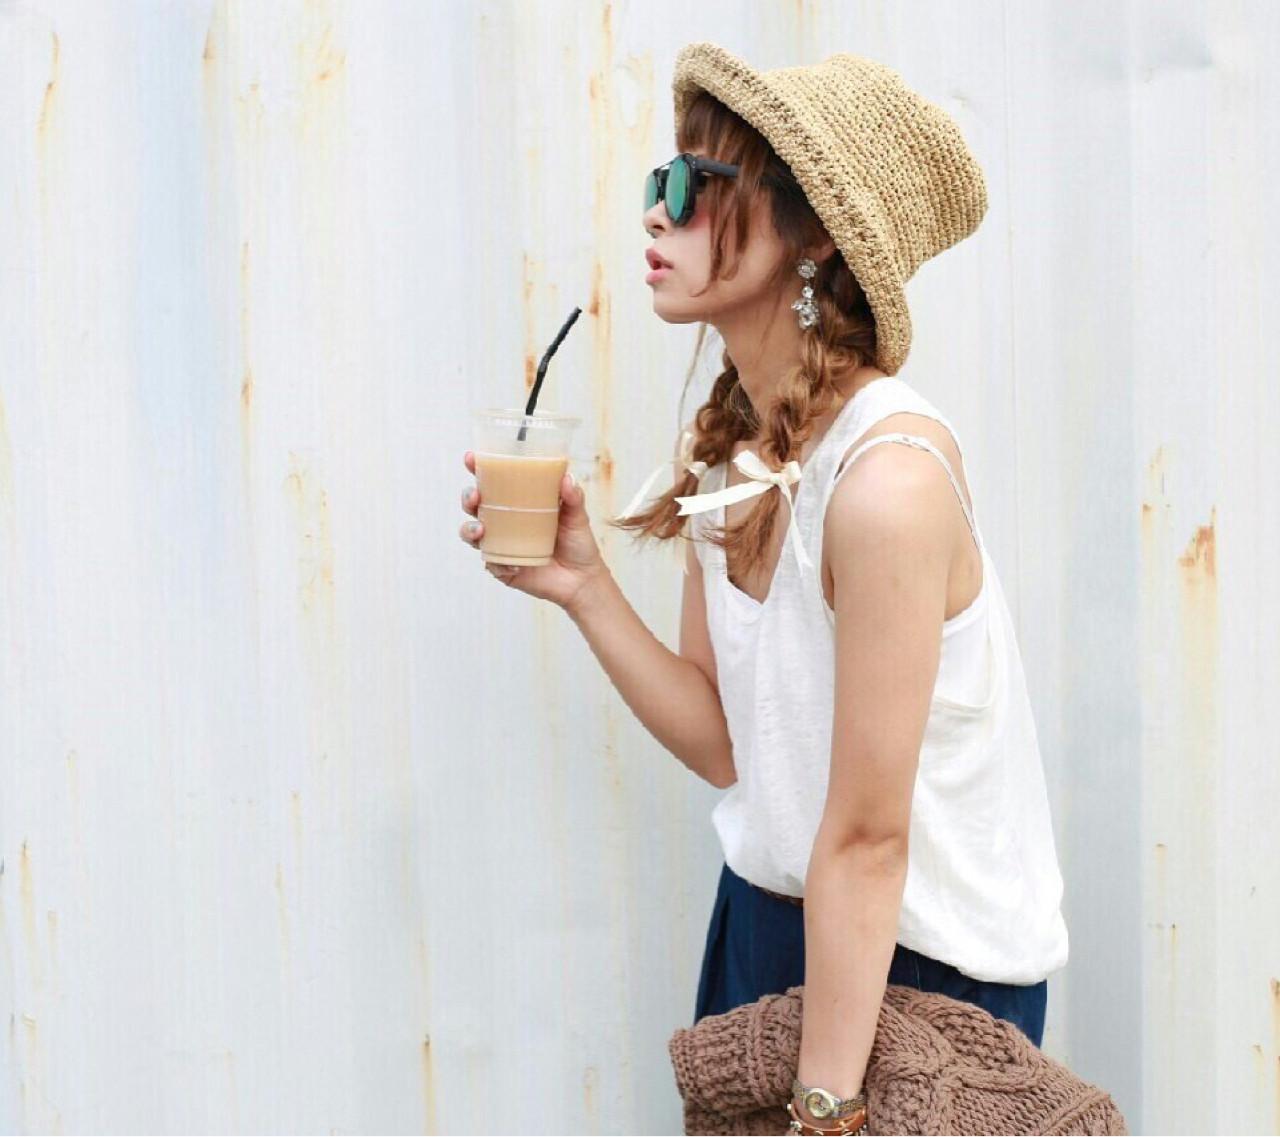 夏 ツインテール ヘアアレンジ セミロング ヘアスタイルや髪型の写真・画像